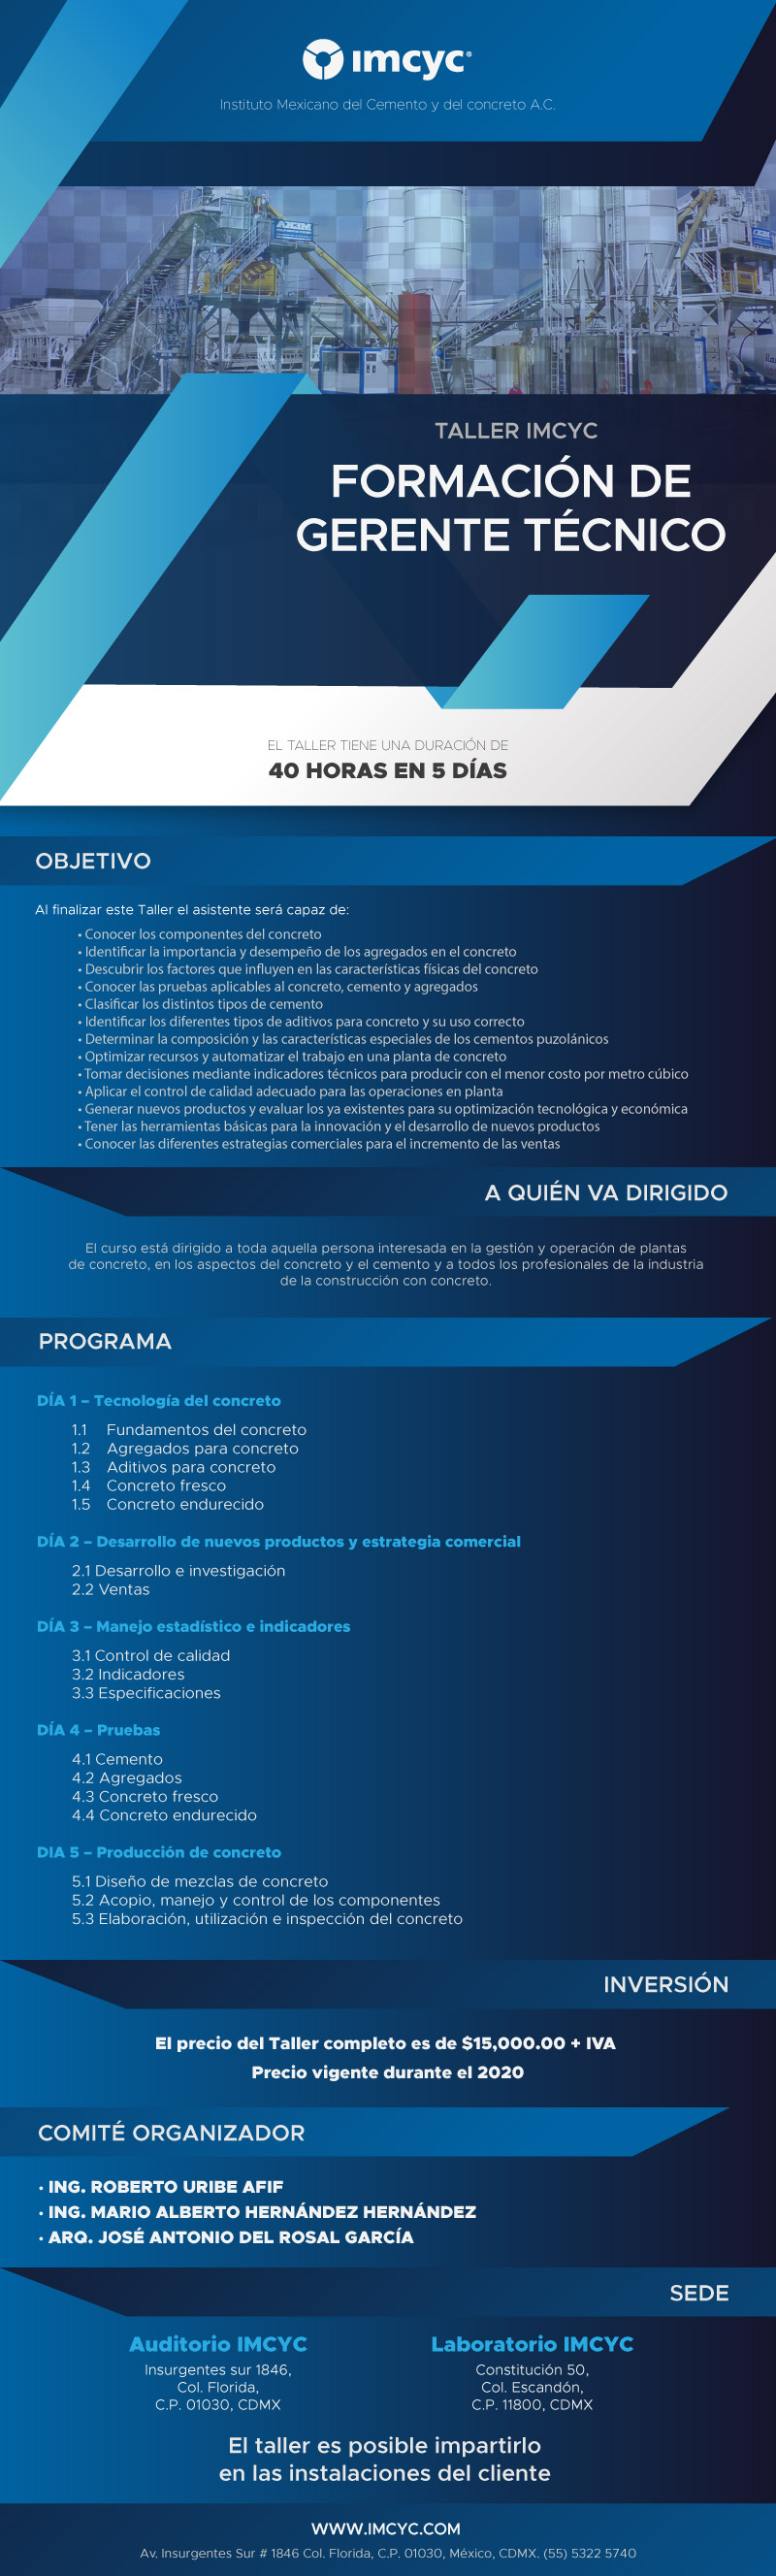 El Instituto Mexicano del Cemento y del Concreto en la FORMACIÓN DE GERENTE TÉCNICO